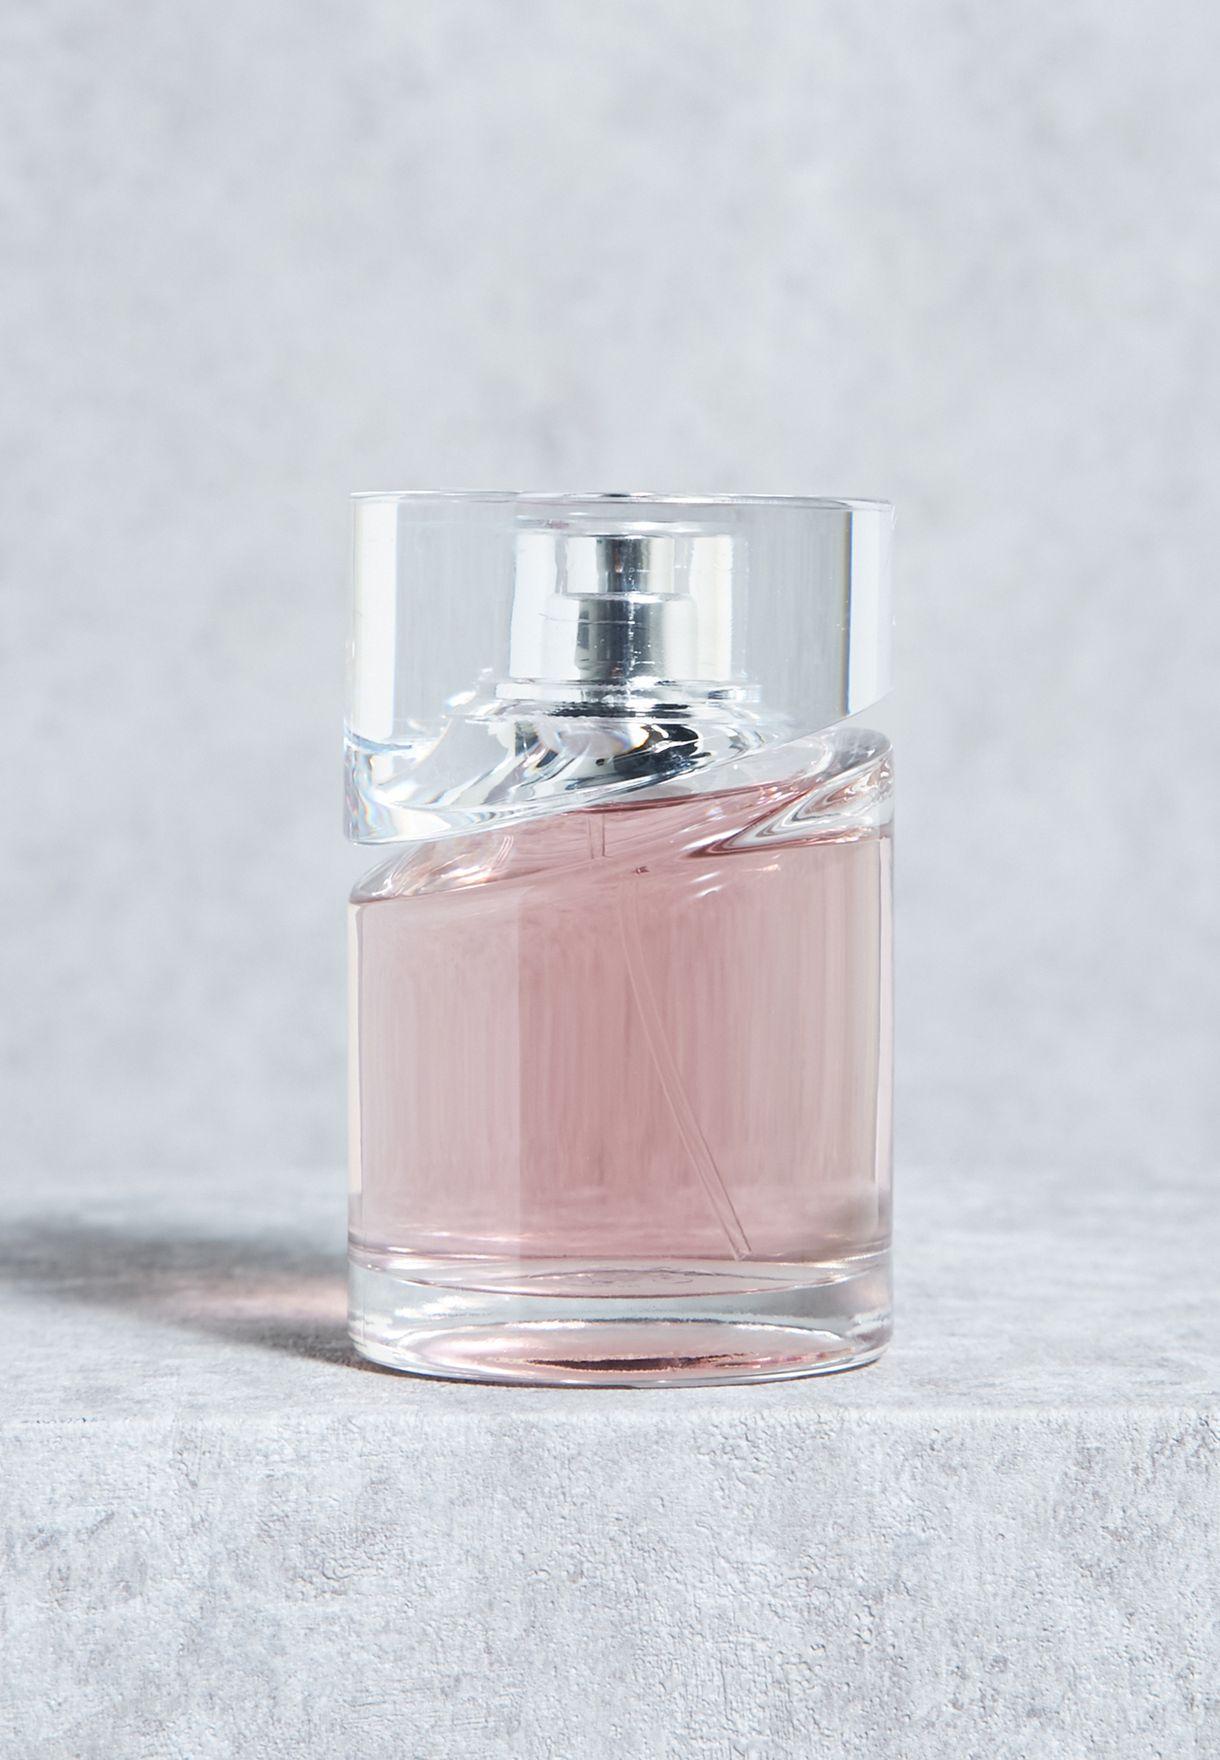 Shop Hugo Boss Pink Femme 75ml Edp 737052041353 For Women In Bahrain